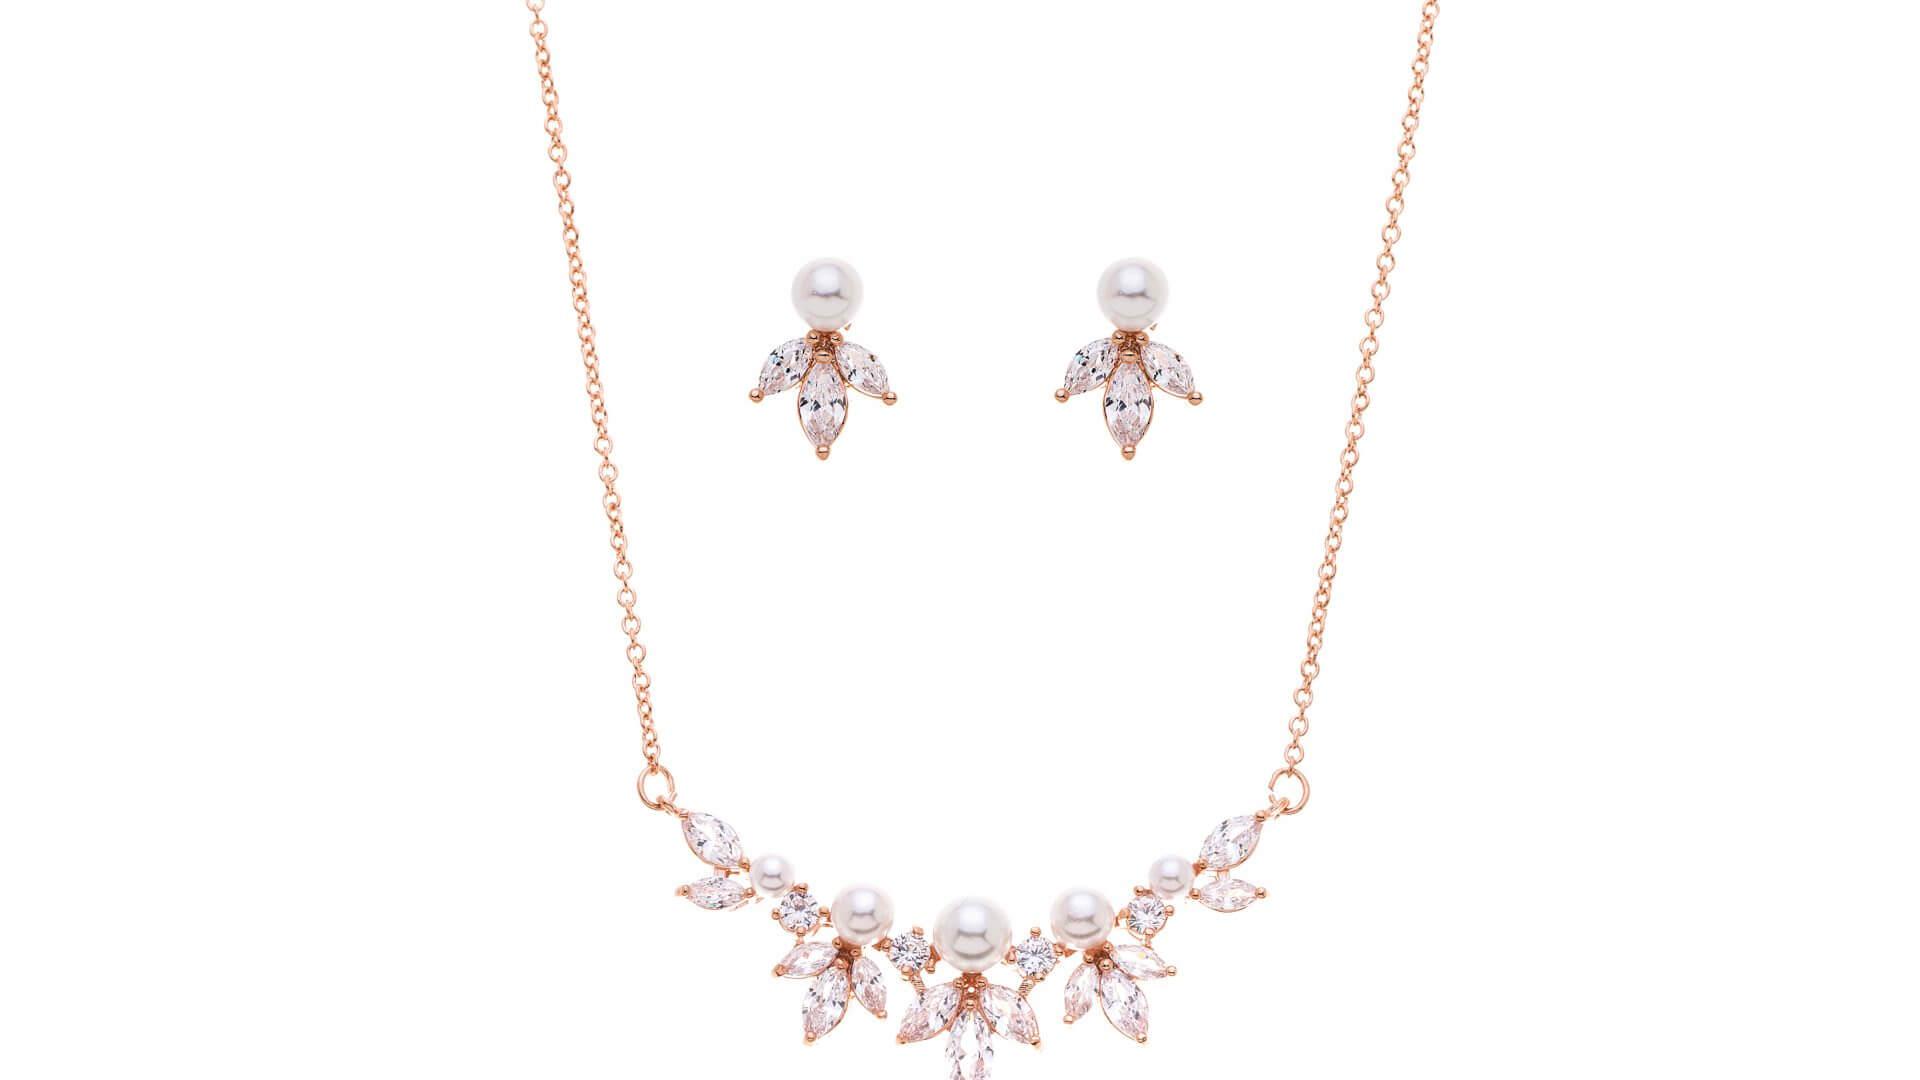 Brautschmuckset mit Halskette und Ohrringe DZ0509RG Rose Gold